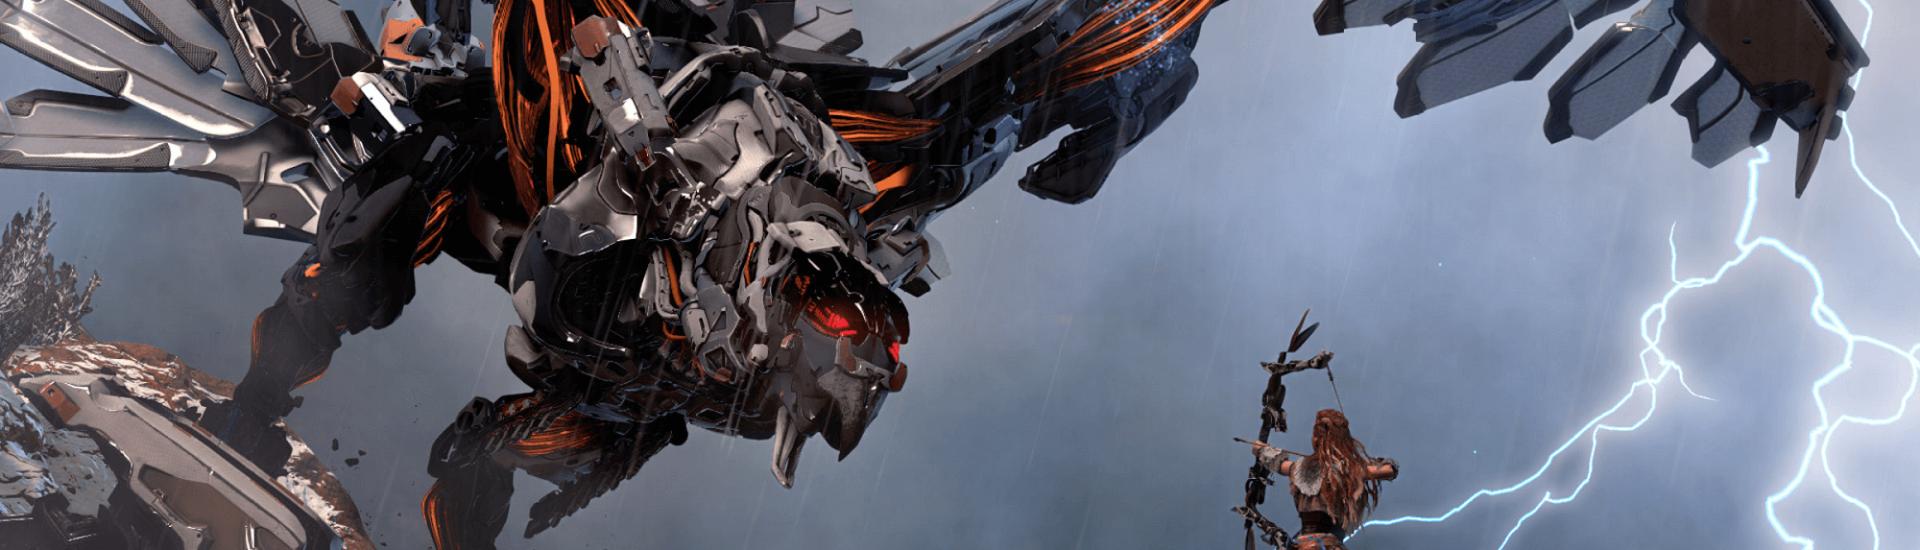 Horizon Zero Dawn erscheint DRM-frei bei GOG